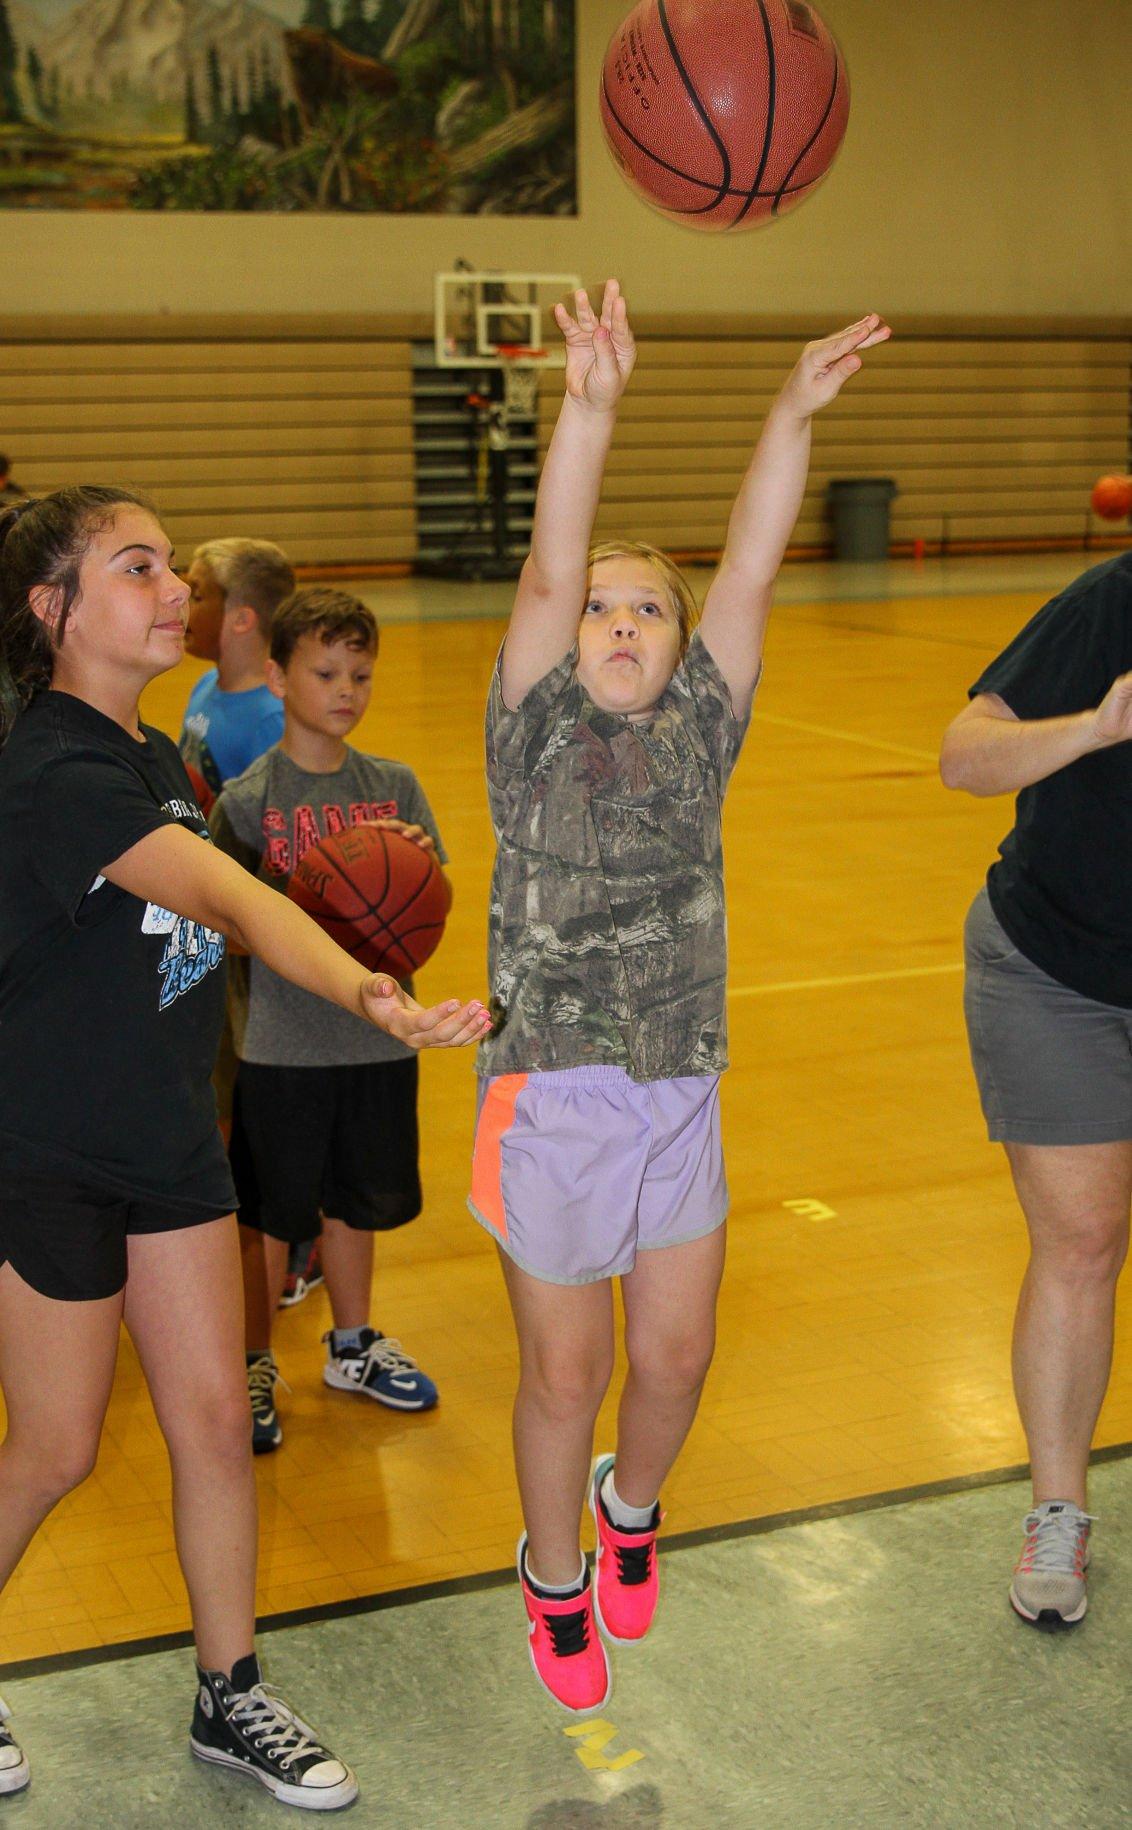 North Corbin basketball camp